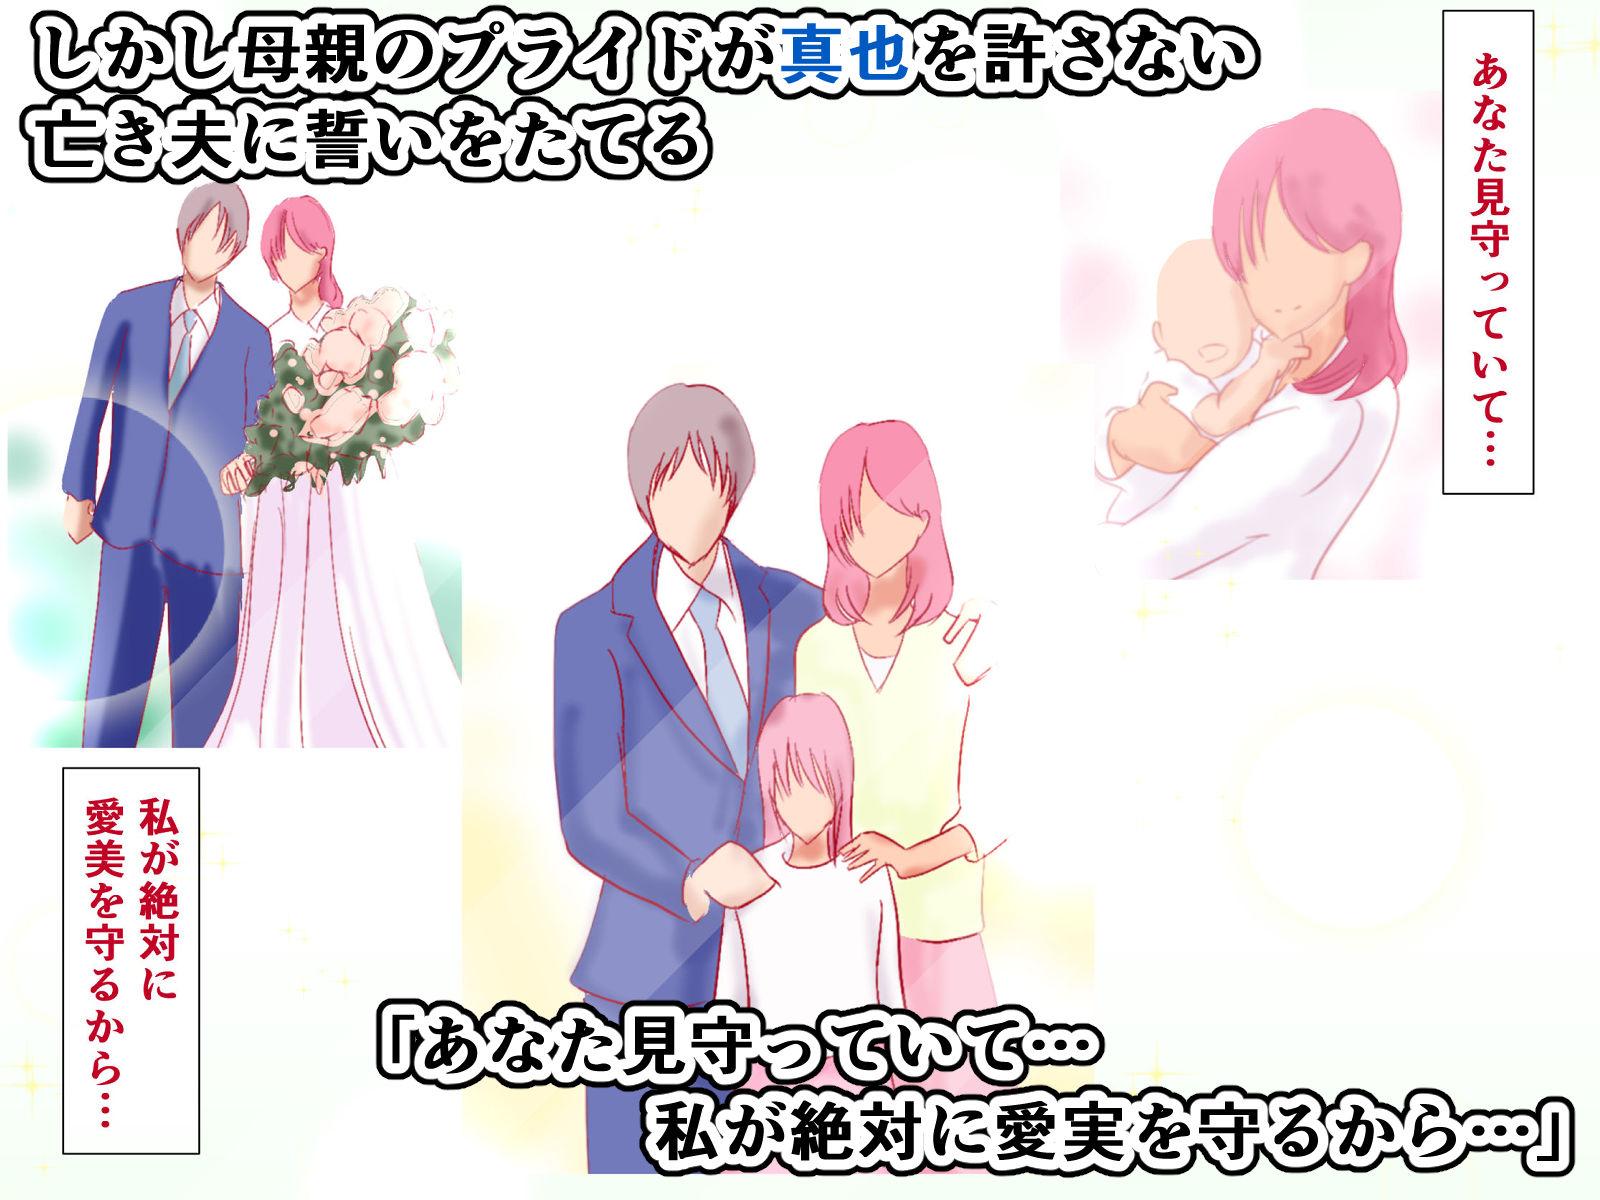 母親失格〜娘の彼氏に堕とされるクール系美人母 西園寺美紀〜